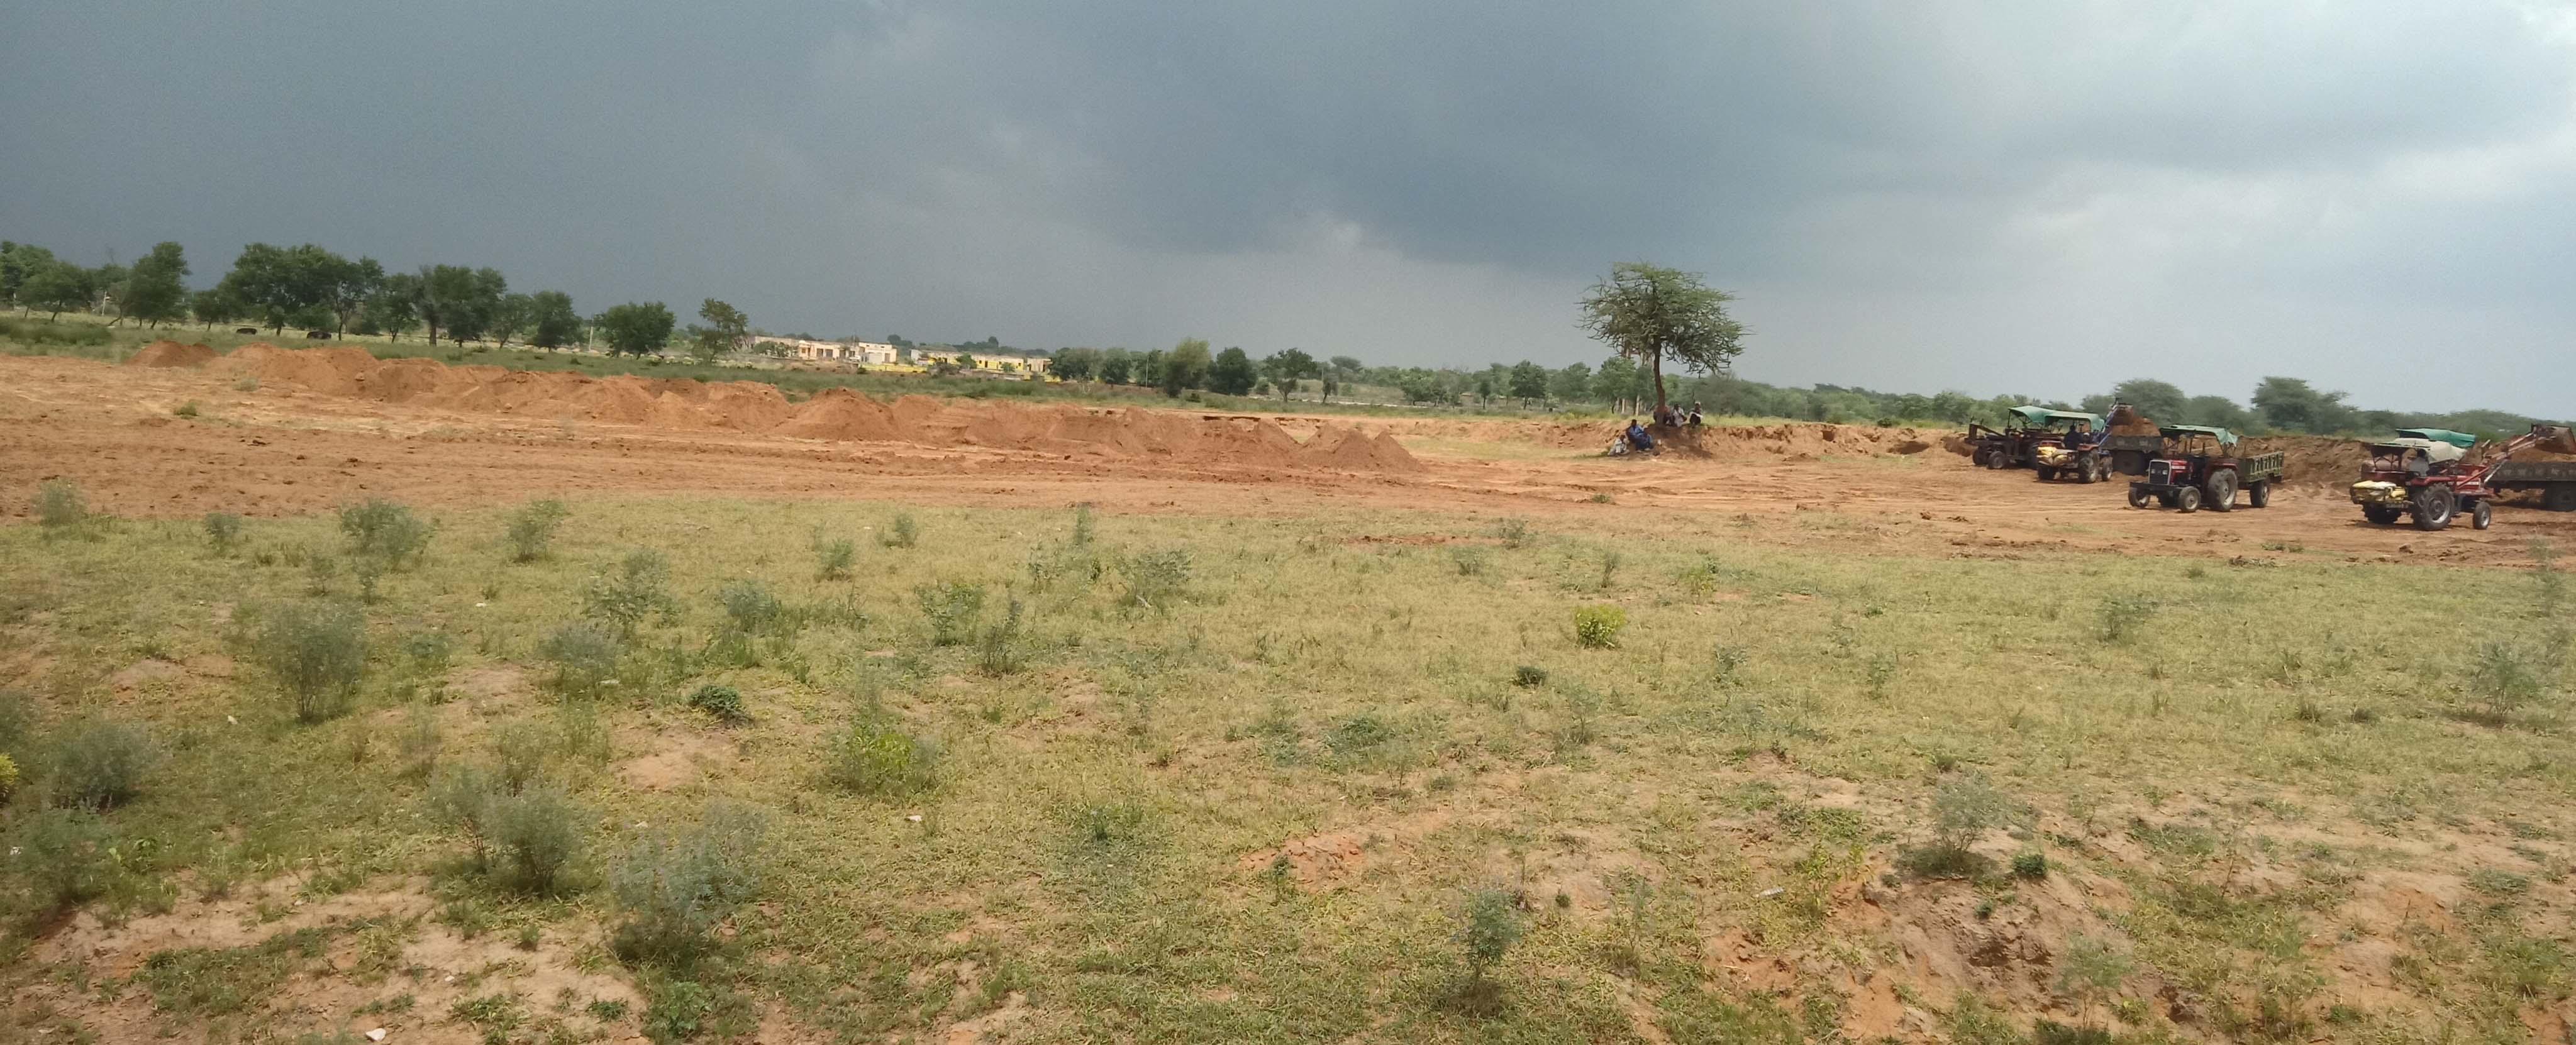 बिजली कटौती से राहत की उम्मीद , जेईएन कार्यालय के तहत जुड़ेंगे 18 गांव